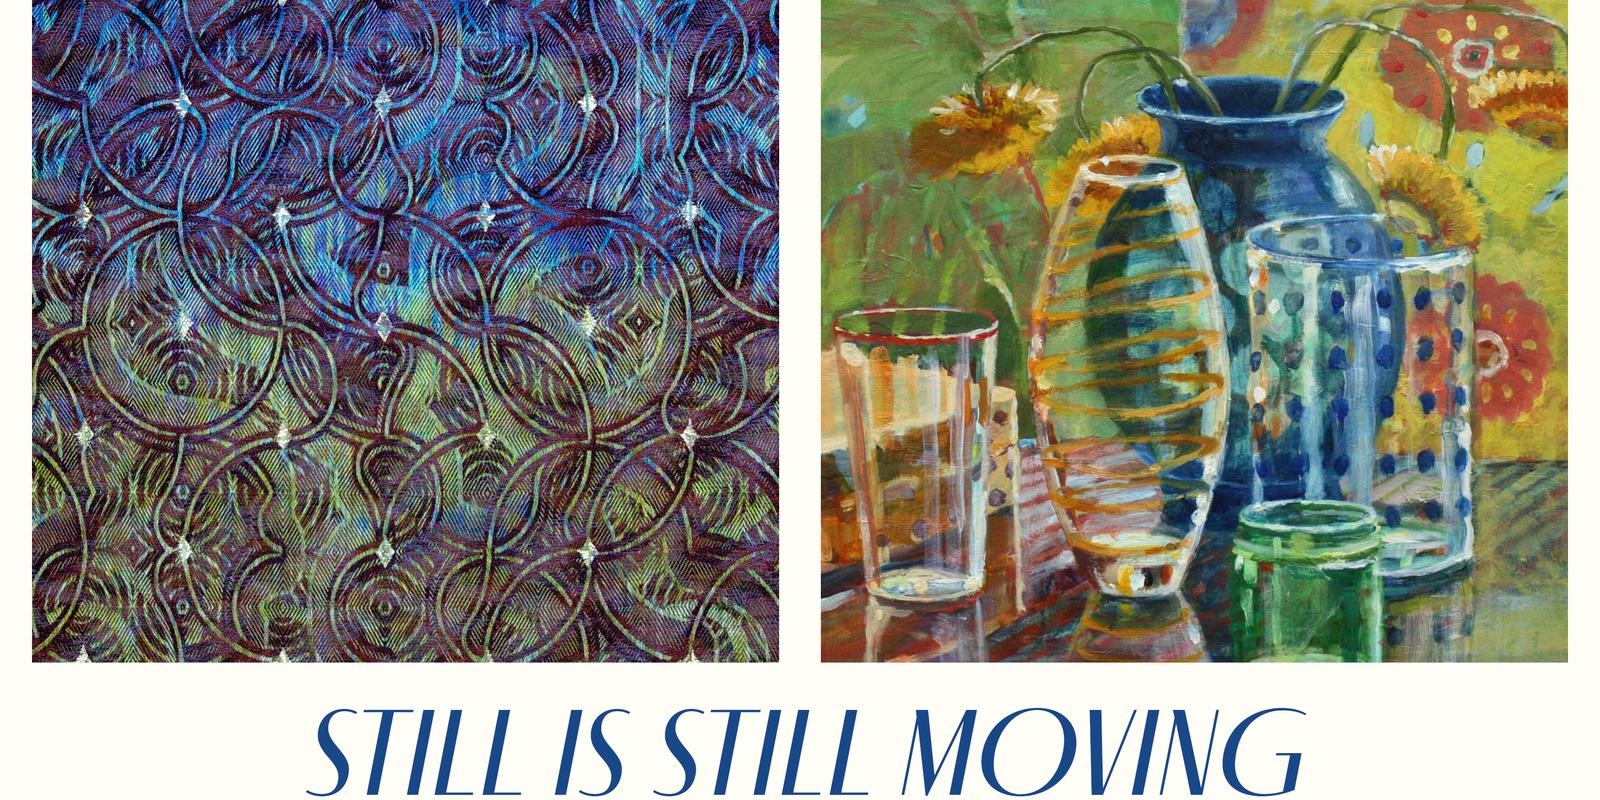 Still is Still Moving